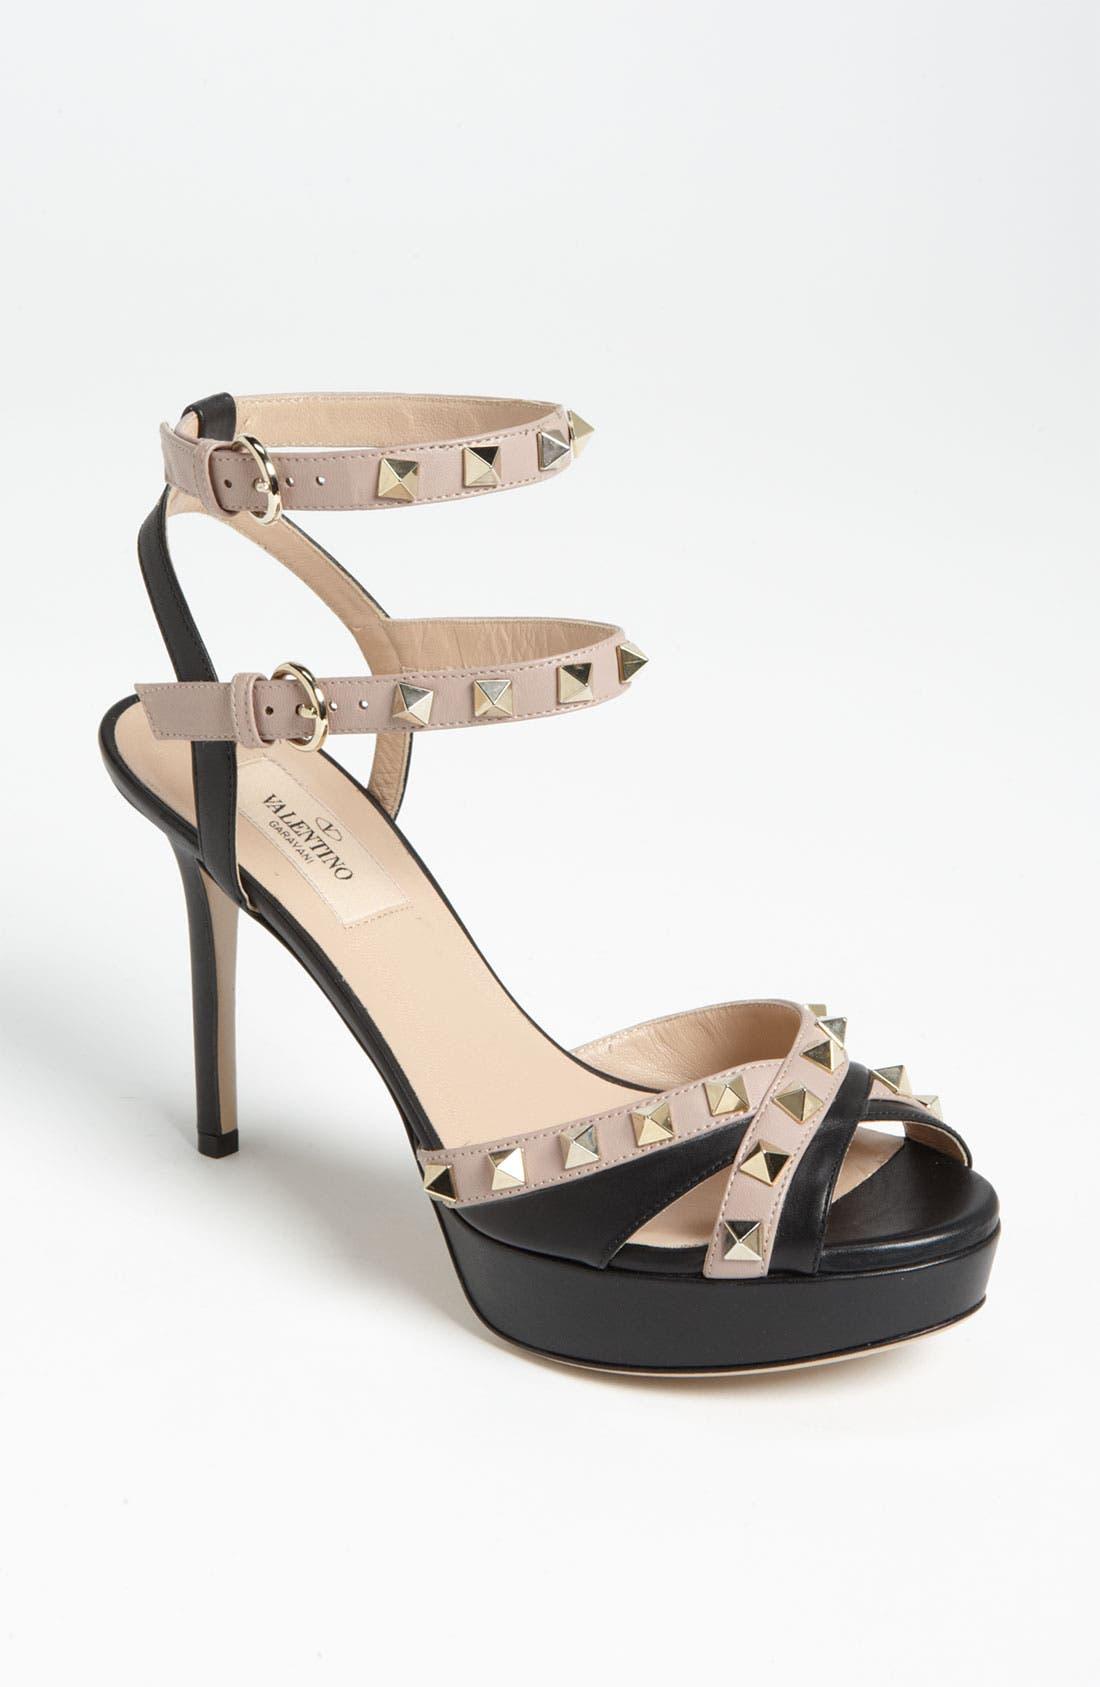 Main Image - VALENTINO GARAVANI 'Rockstud' Sandal